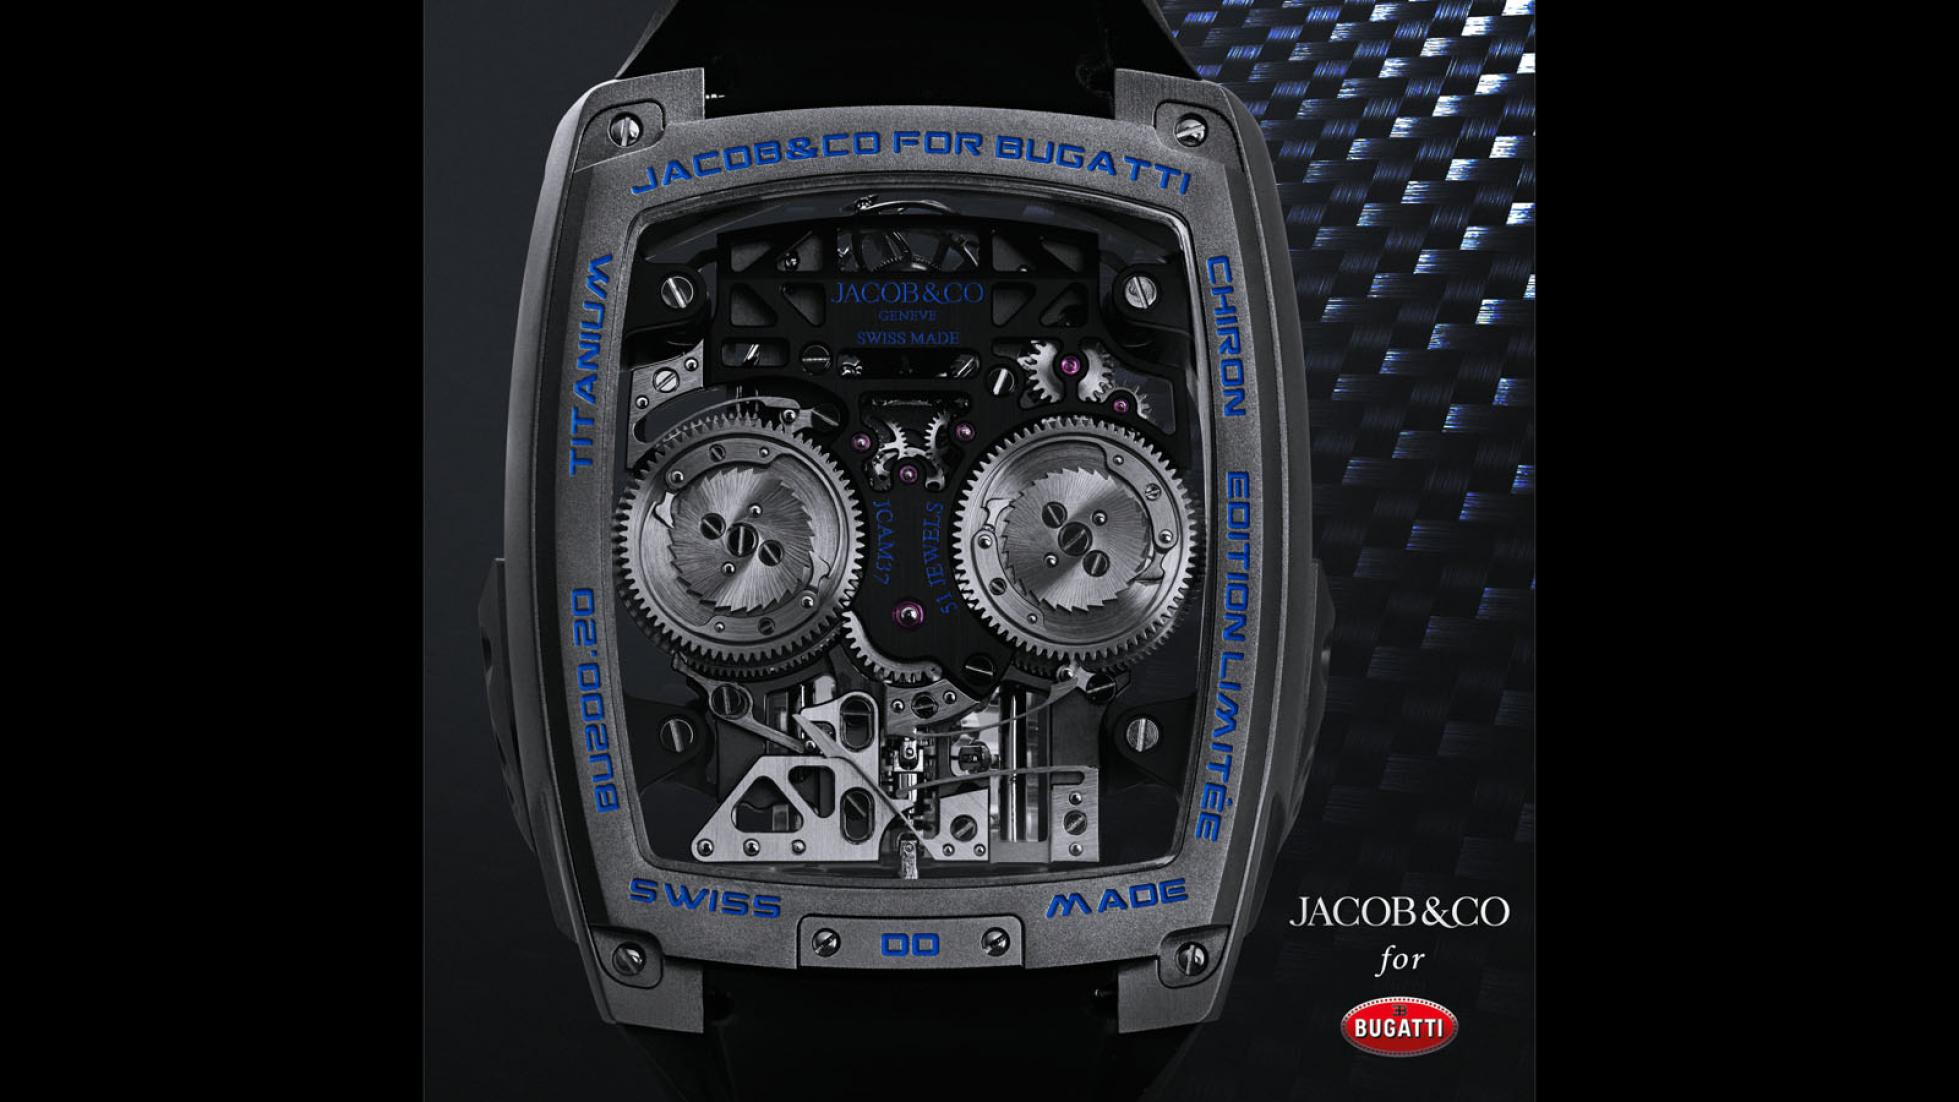 Hodinky Bugatti majú cenu drahého auta a miniatúrny šestnásťvalec YYnLgAySsV jacob-co-bugatti-chiron